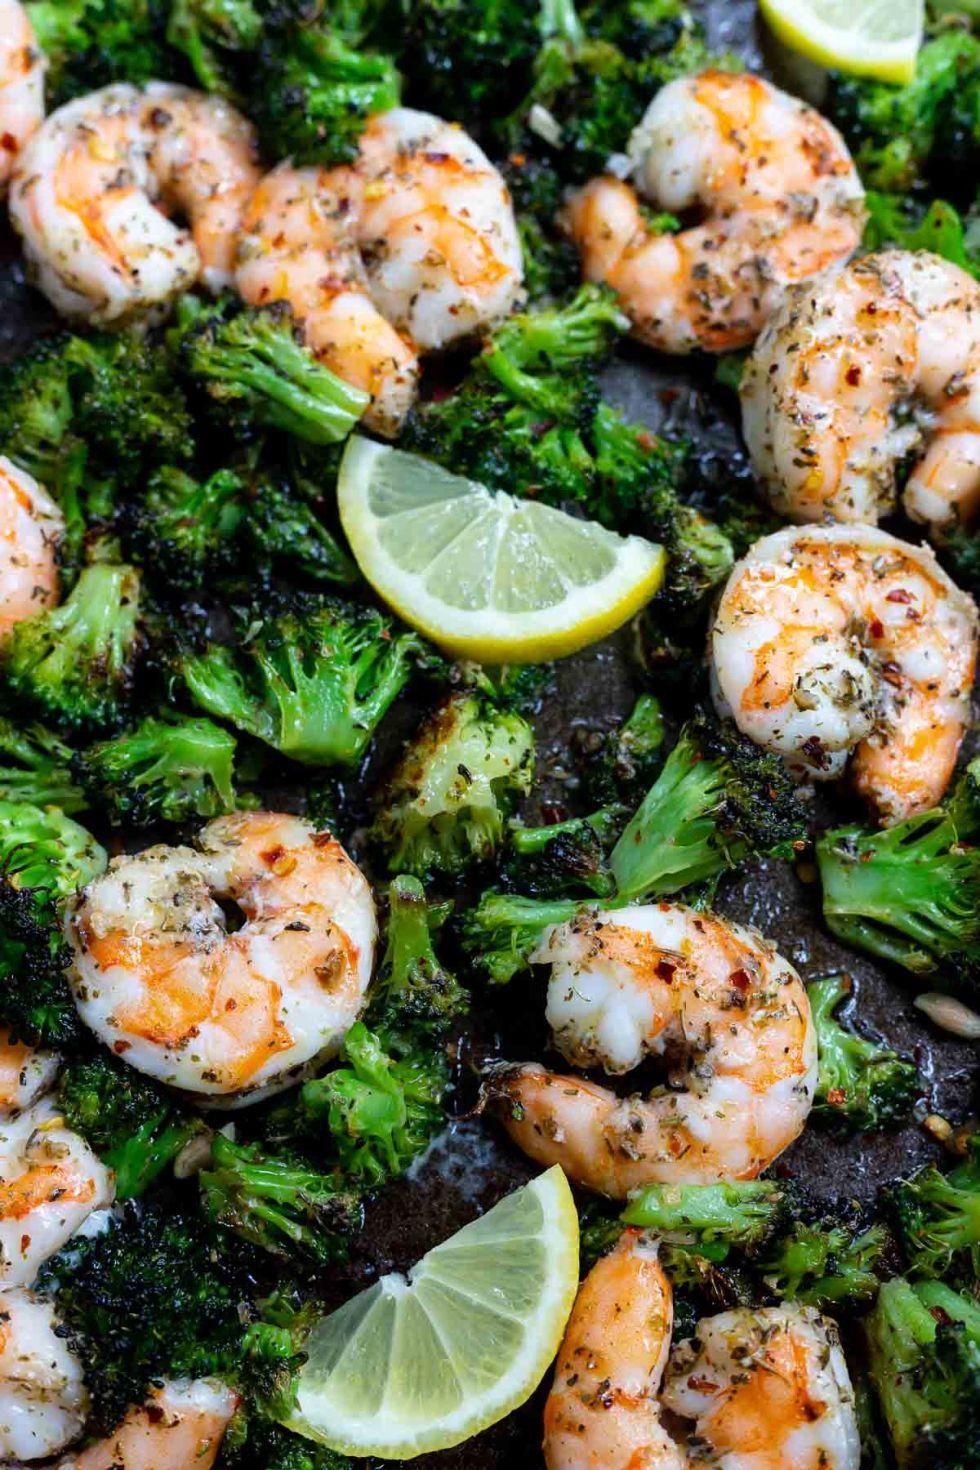 broccoli and shrimp with lemon on sheet pan